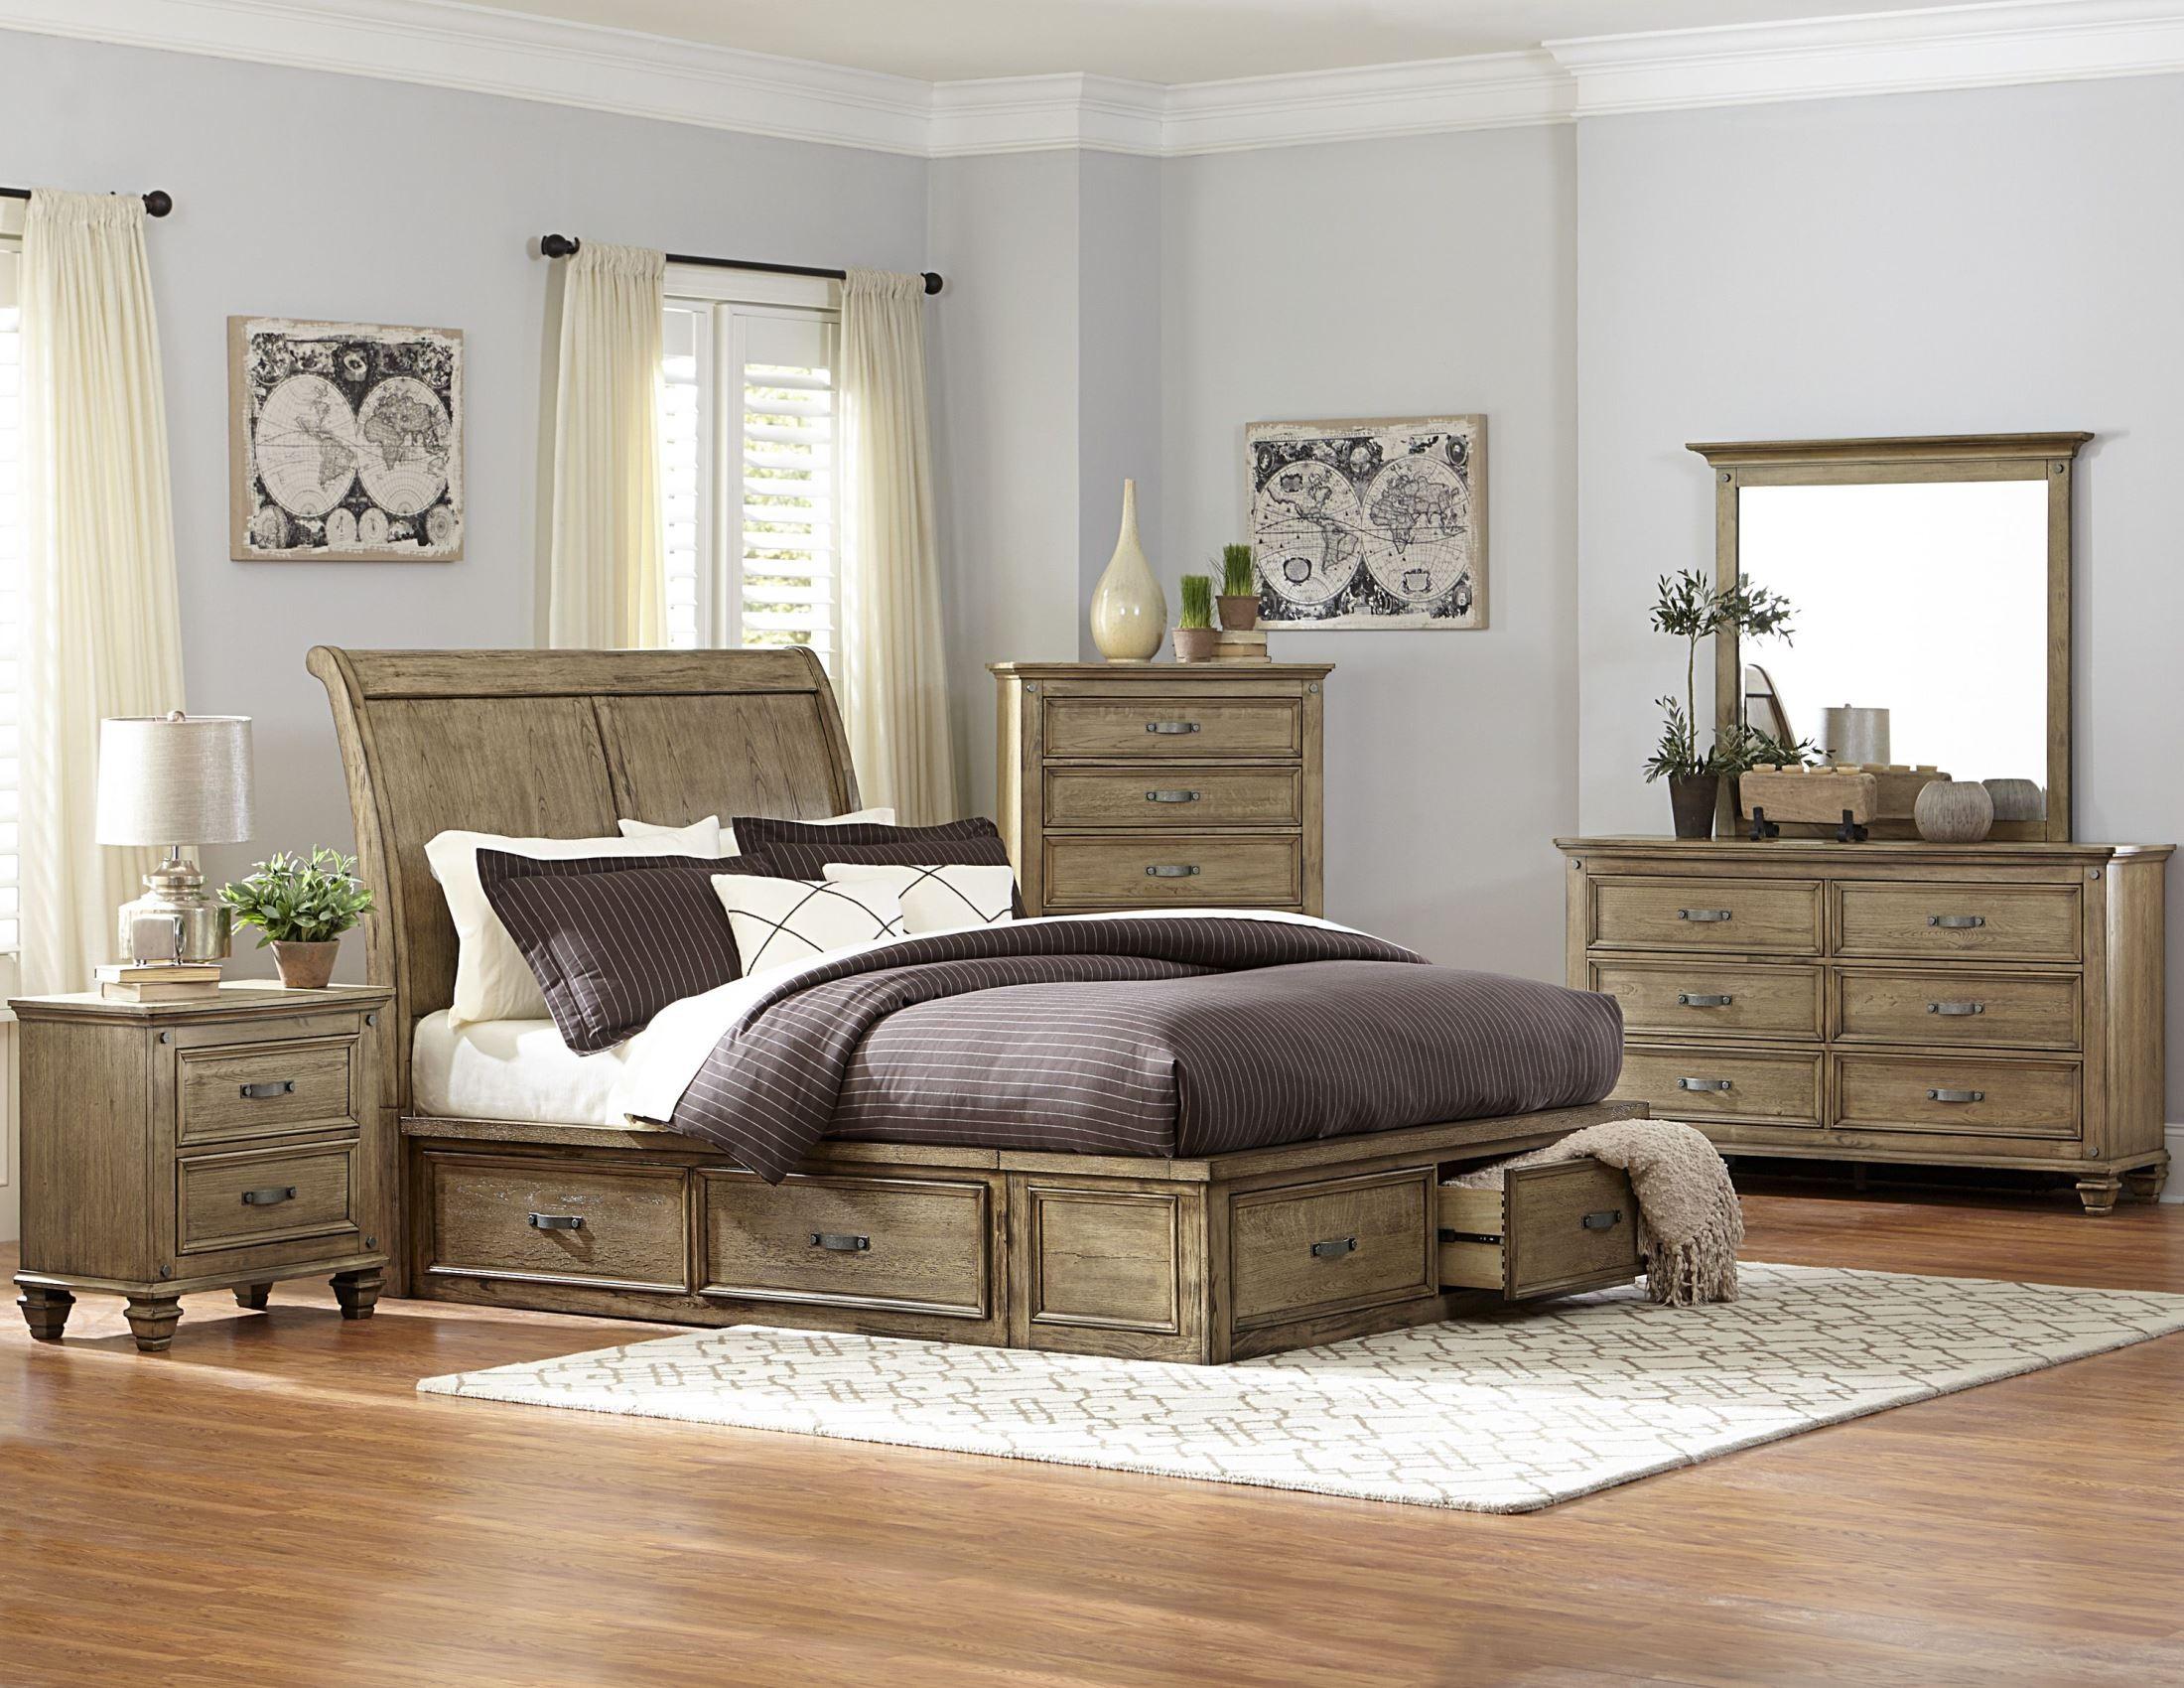 Sylvania Driftwood King Platform Storage Bed From Homelegance 2298slk 1ek Coleman Furniture